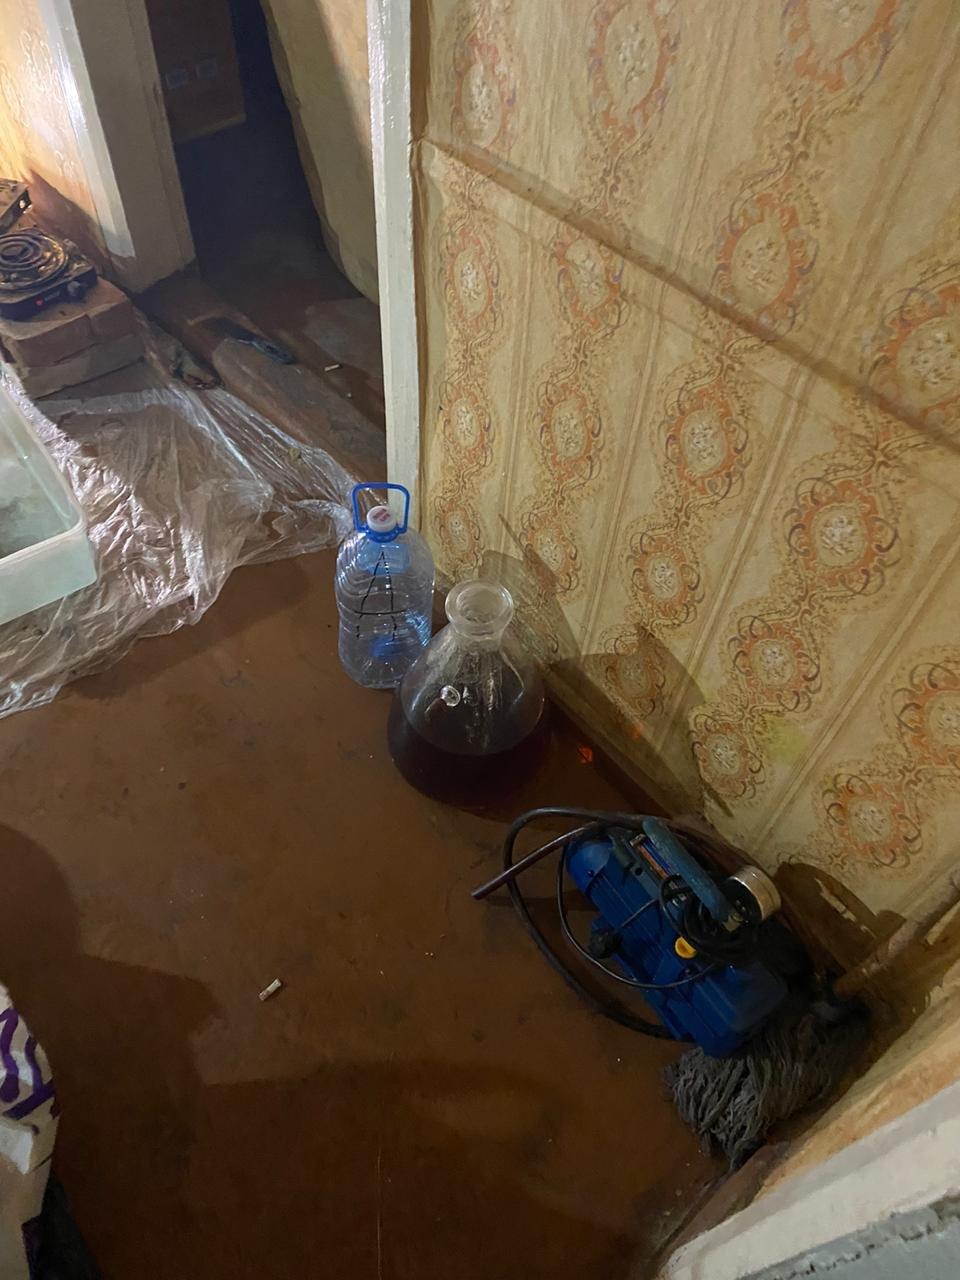 На Харьковщине двое местных жителей в доме готовили наркотики и хранили полтора килограмма «психотропов», - ФОТО  , фото-6